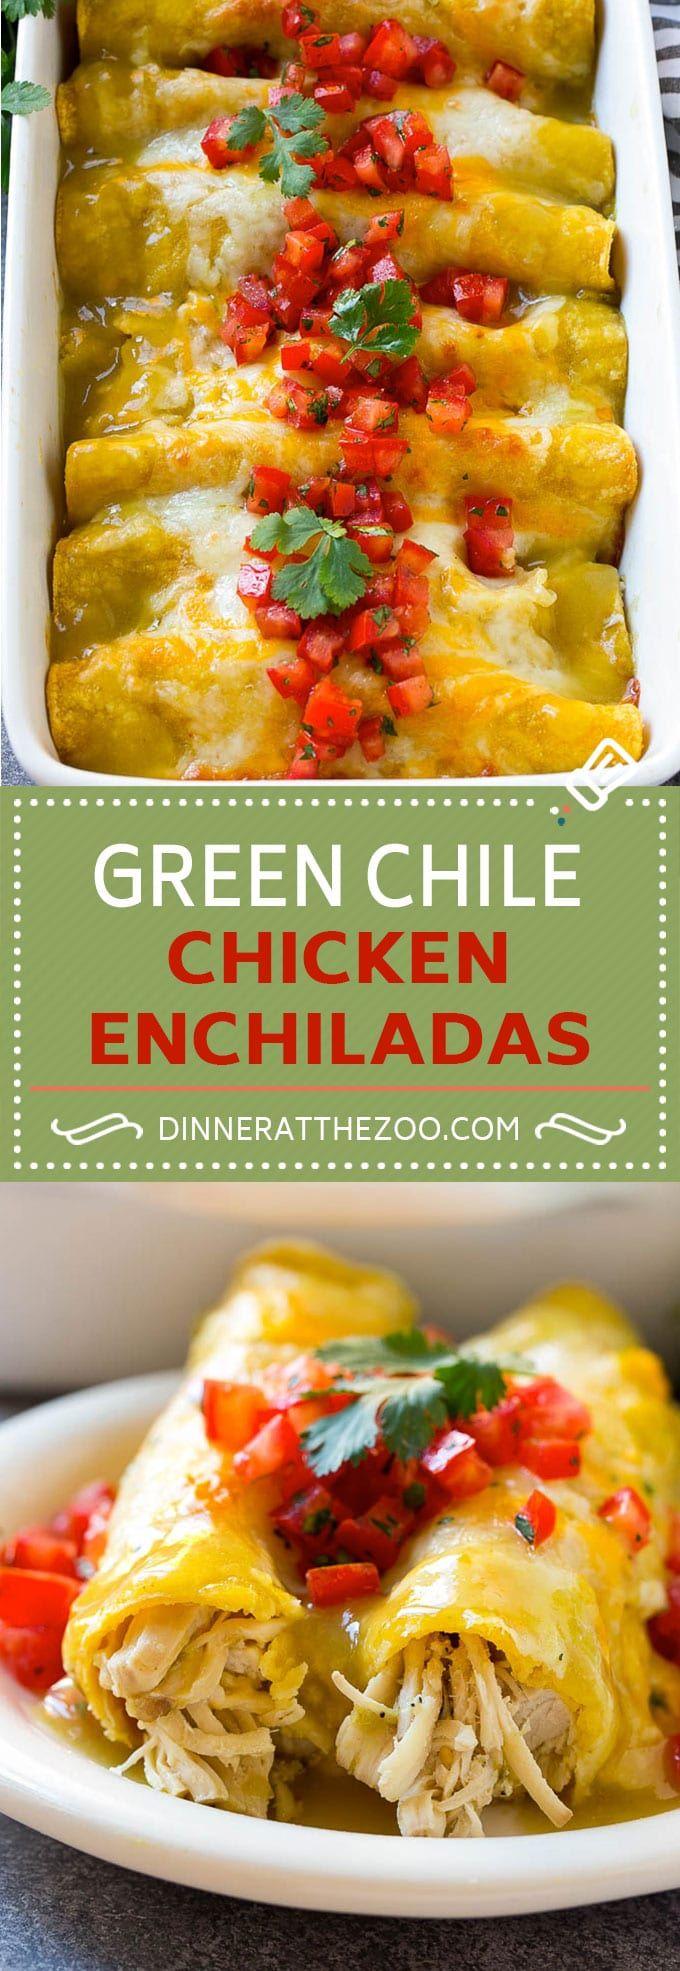 Green chile chicken enchiladas recipe green enchiladas recipe green chile chicken enchiladas recipe green enchiladas recipe easy enchiladas chicken enchiladas forumfinder Images